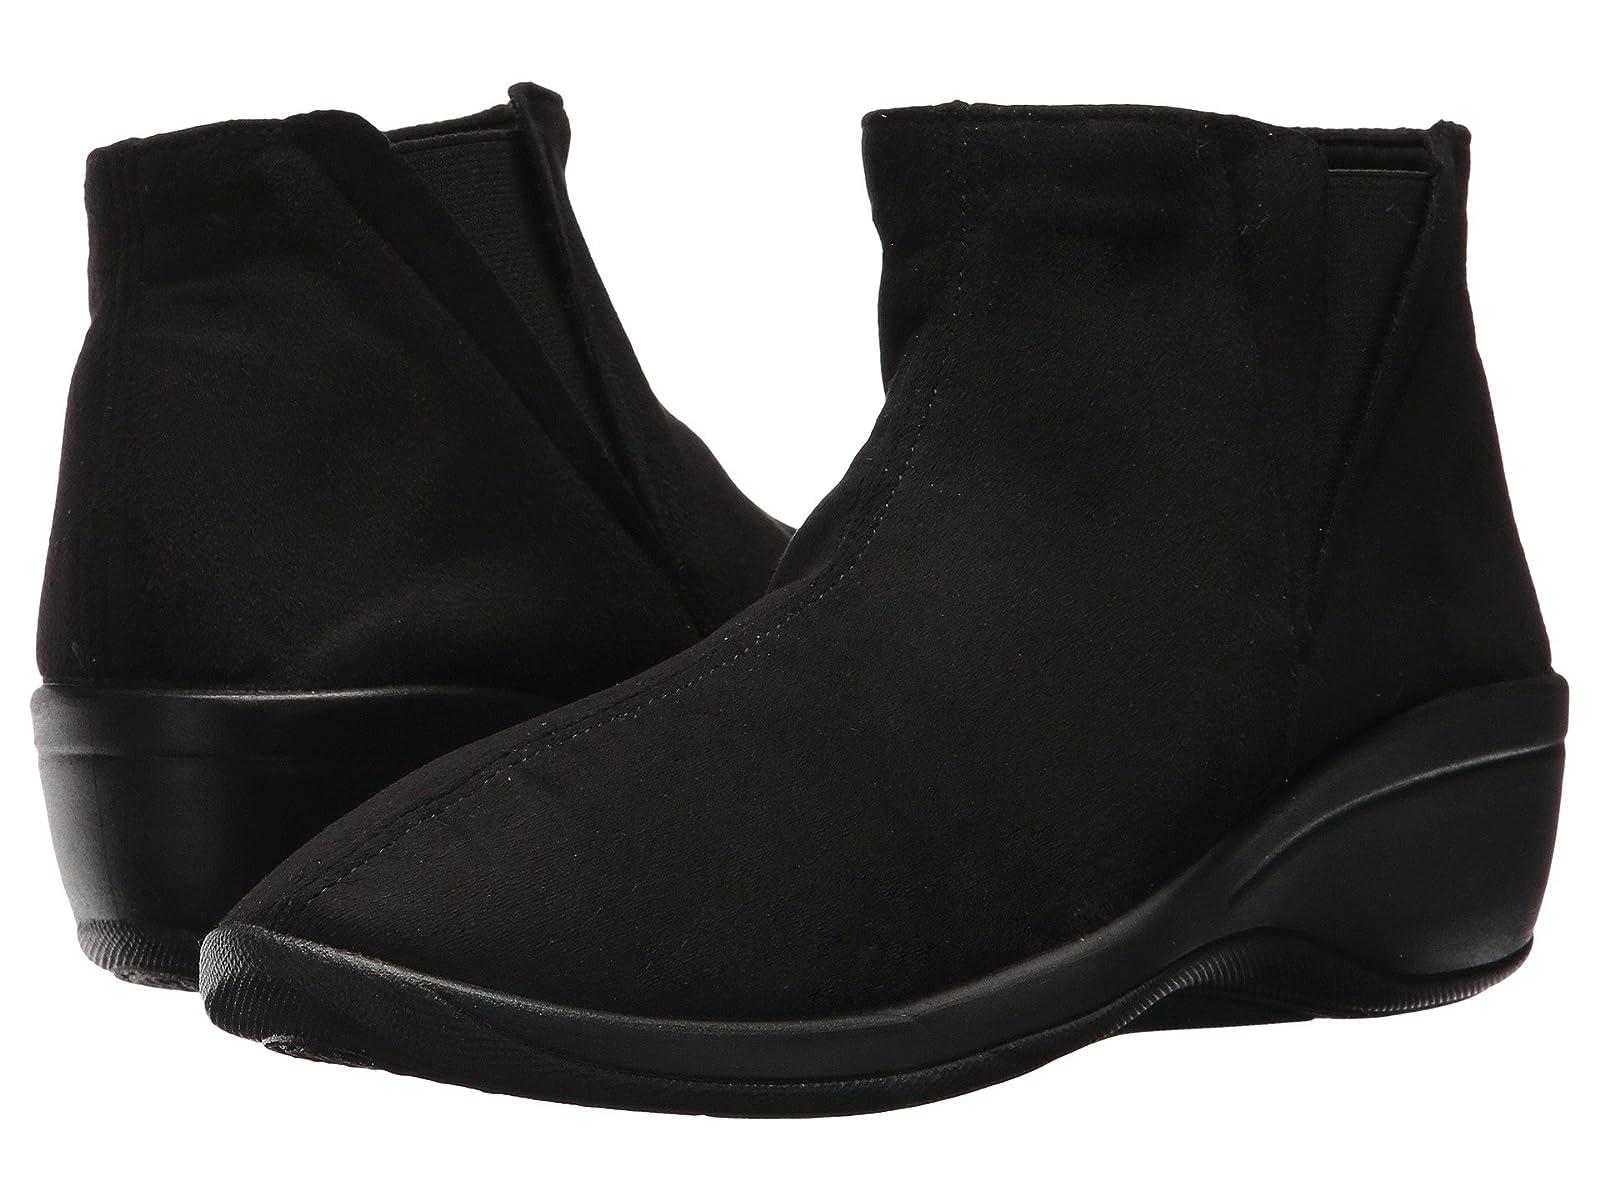 Arcopedico LuanaSelling fashionable and eye-catching shoes